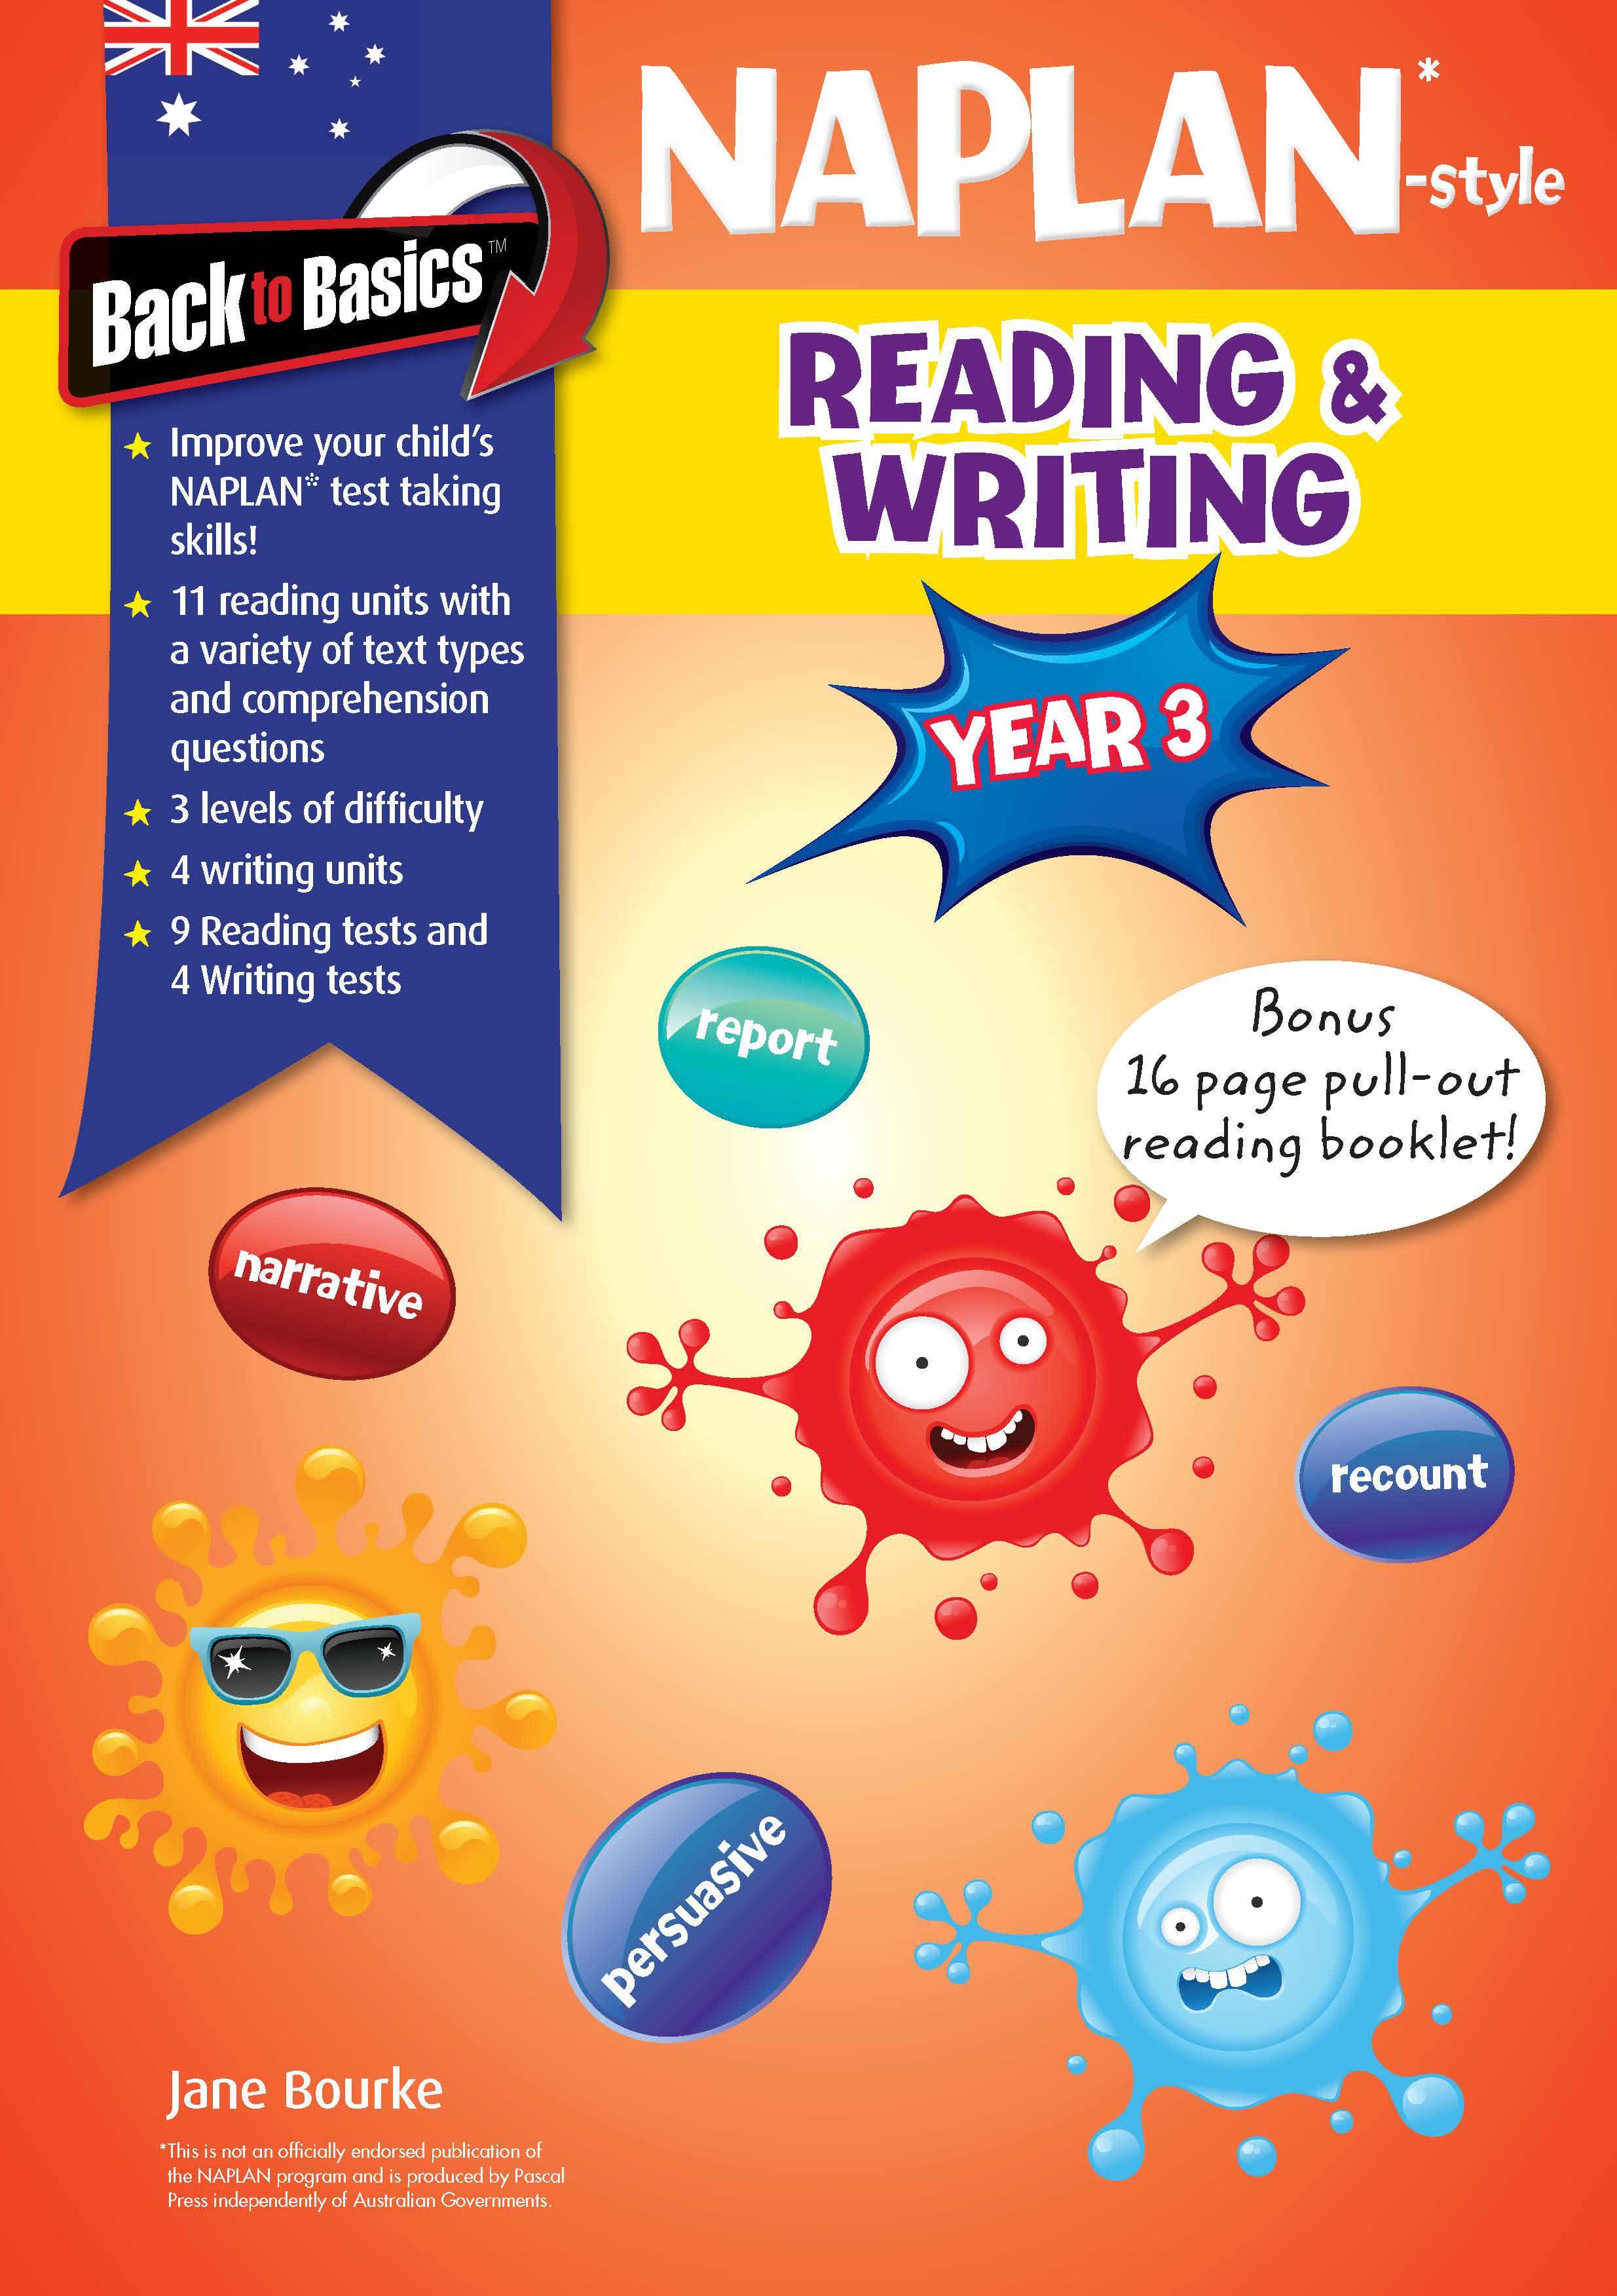 Back to Basics - Year 3 NAPLAN*-style Reading & Writing